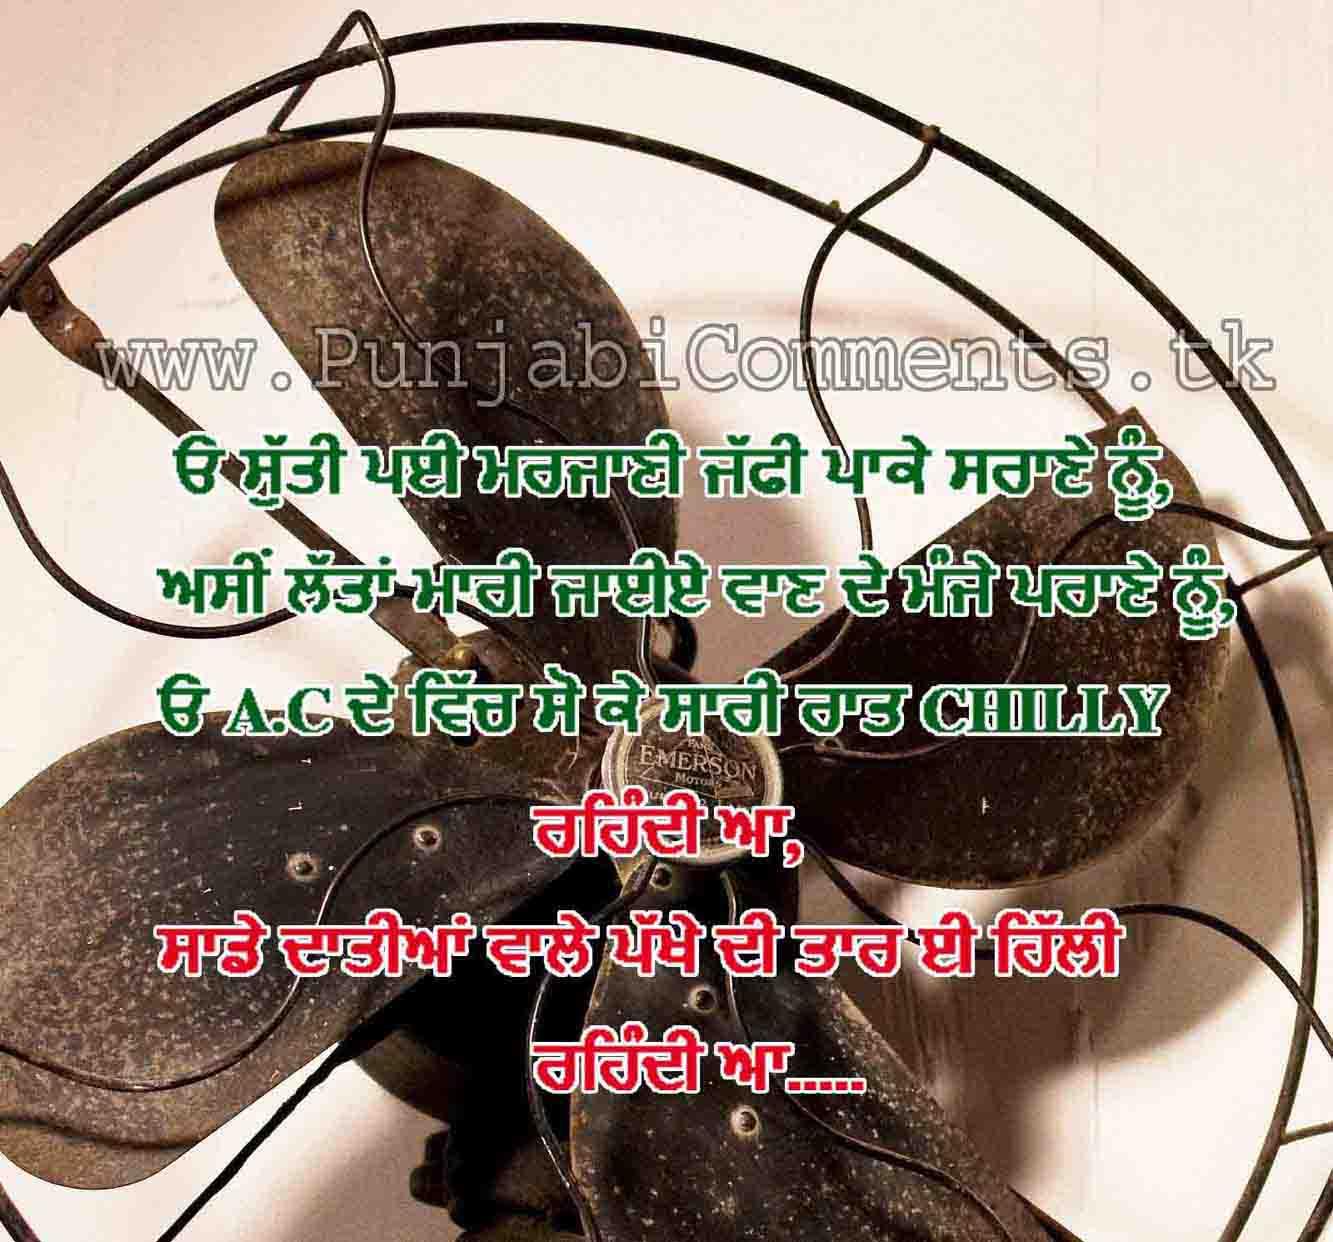 http://1.bp.blogspot.com/-2xwieTOyTAk/Ty-zjaKCMXI/AAAAAAAAA1w/04e_Y8cL1EY/s1600/funny%2Bpunjabi%2Bcomment.jpg